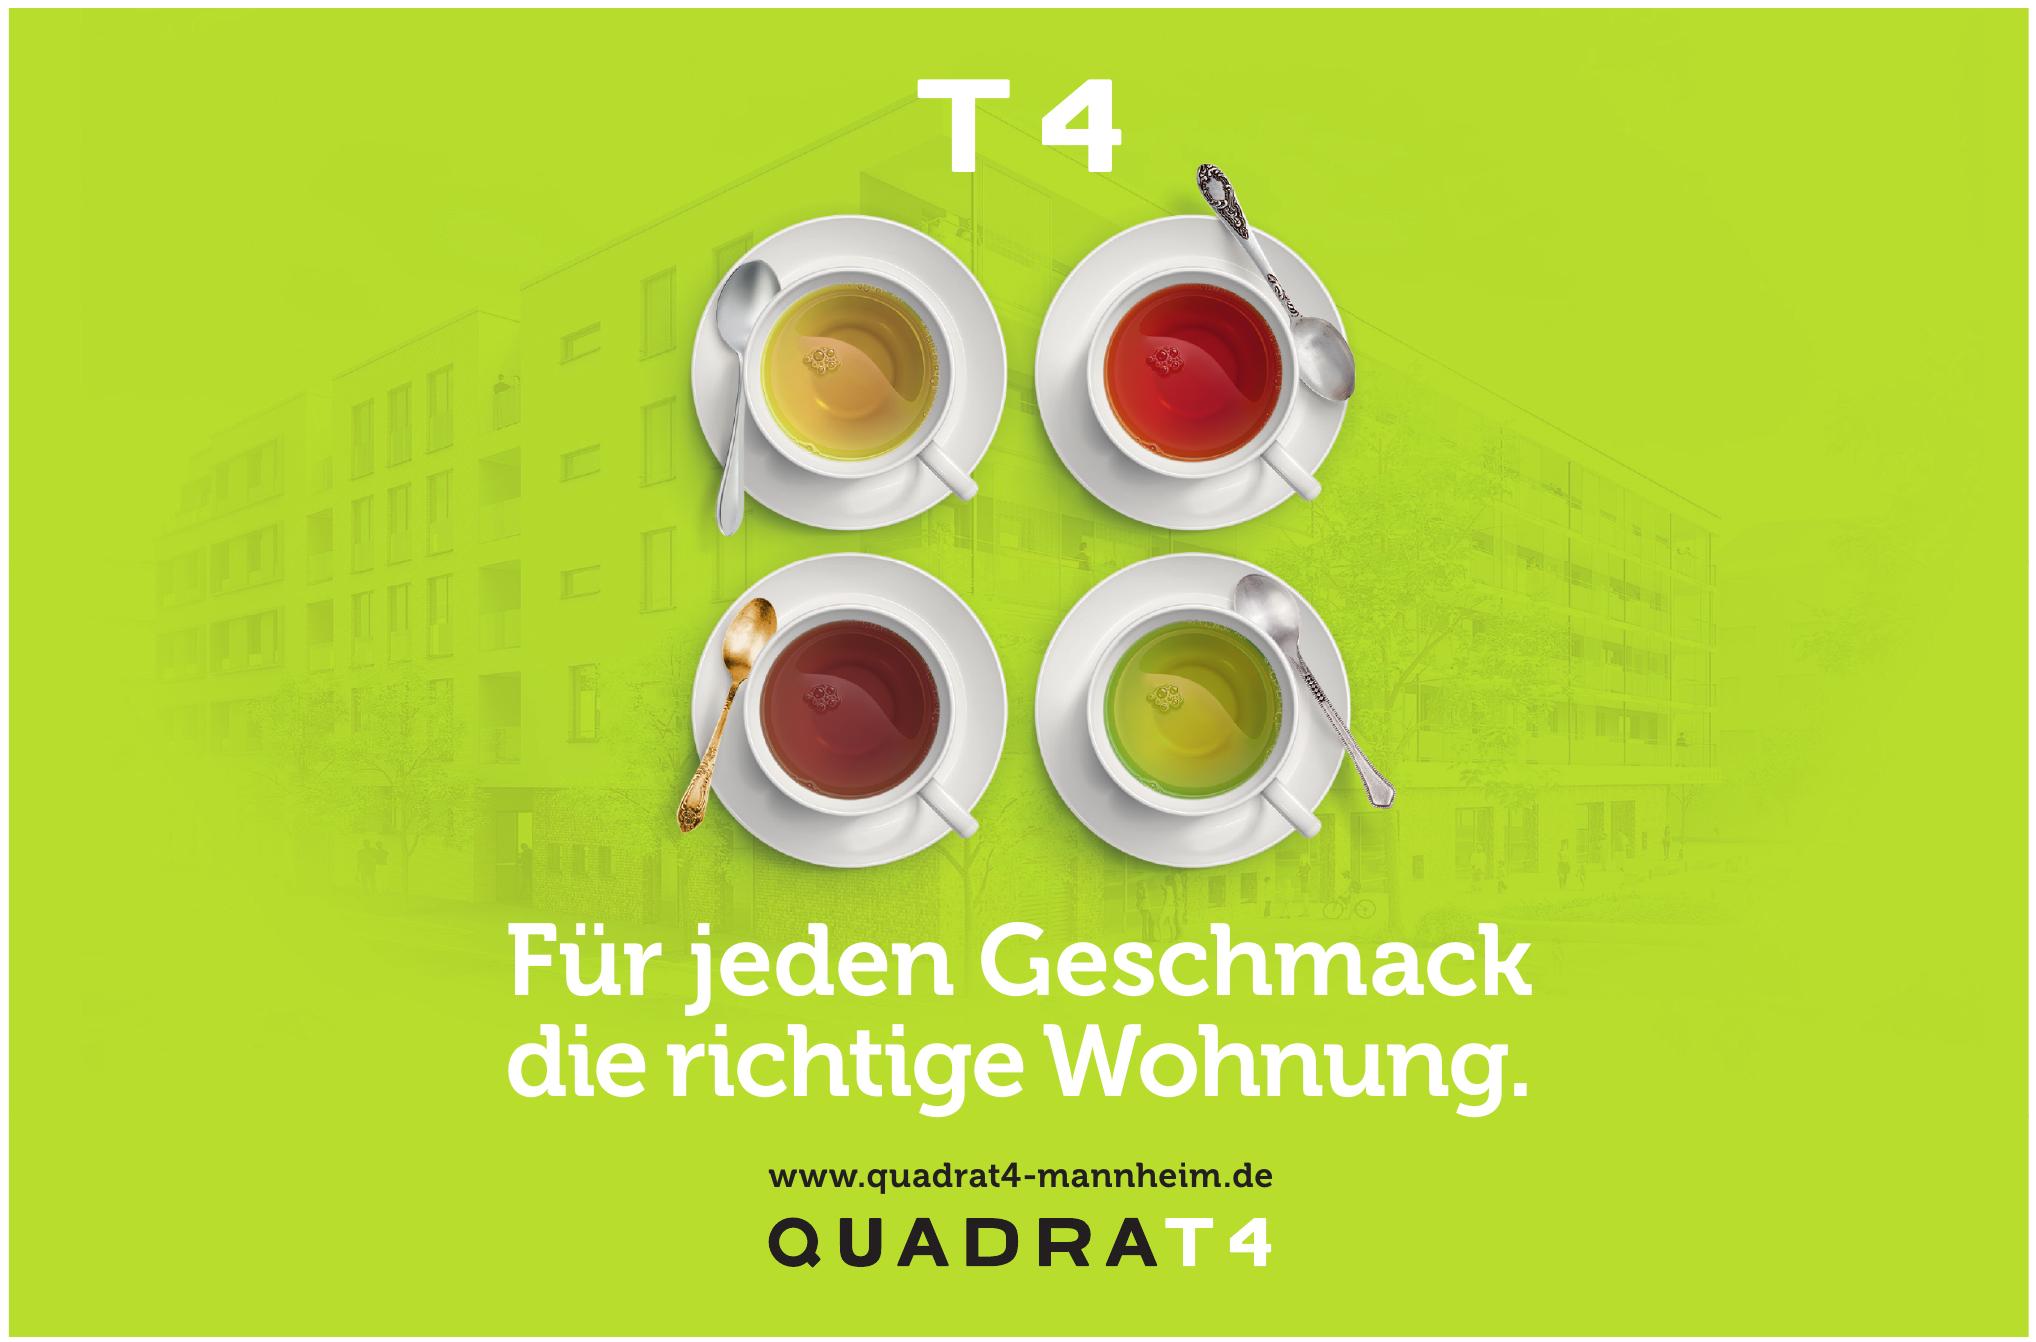 QUADRAT4